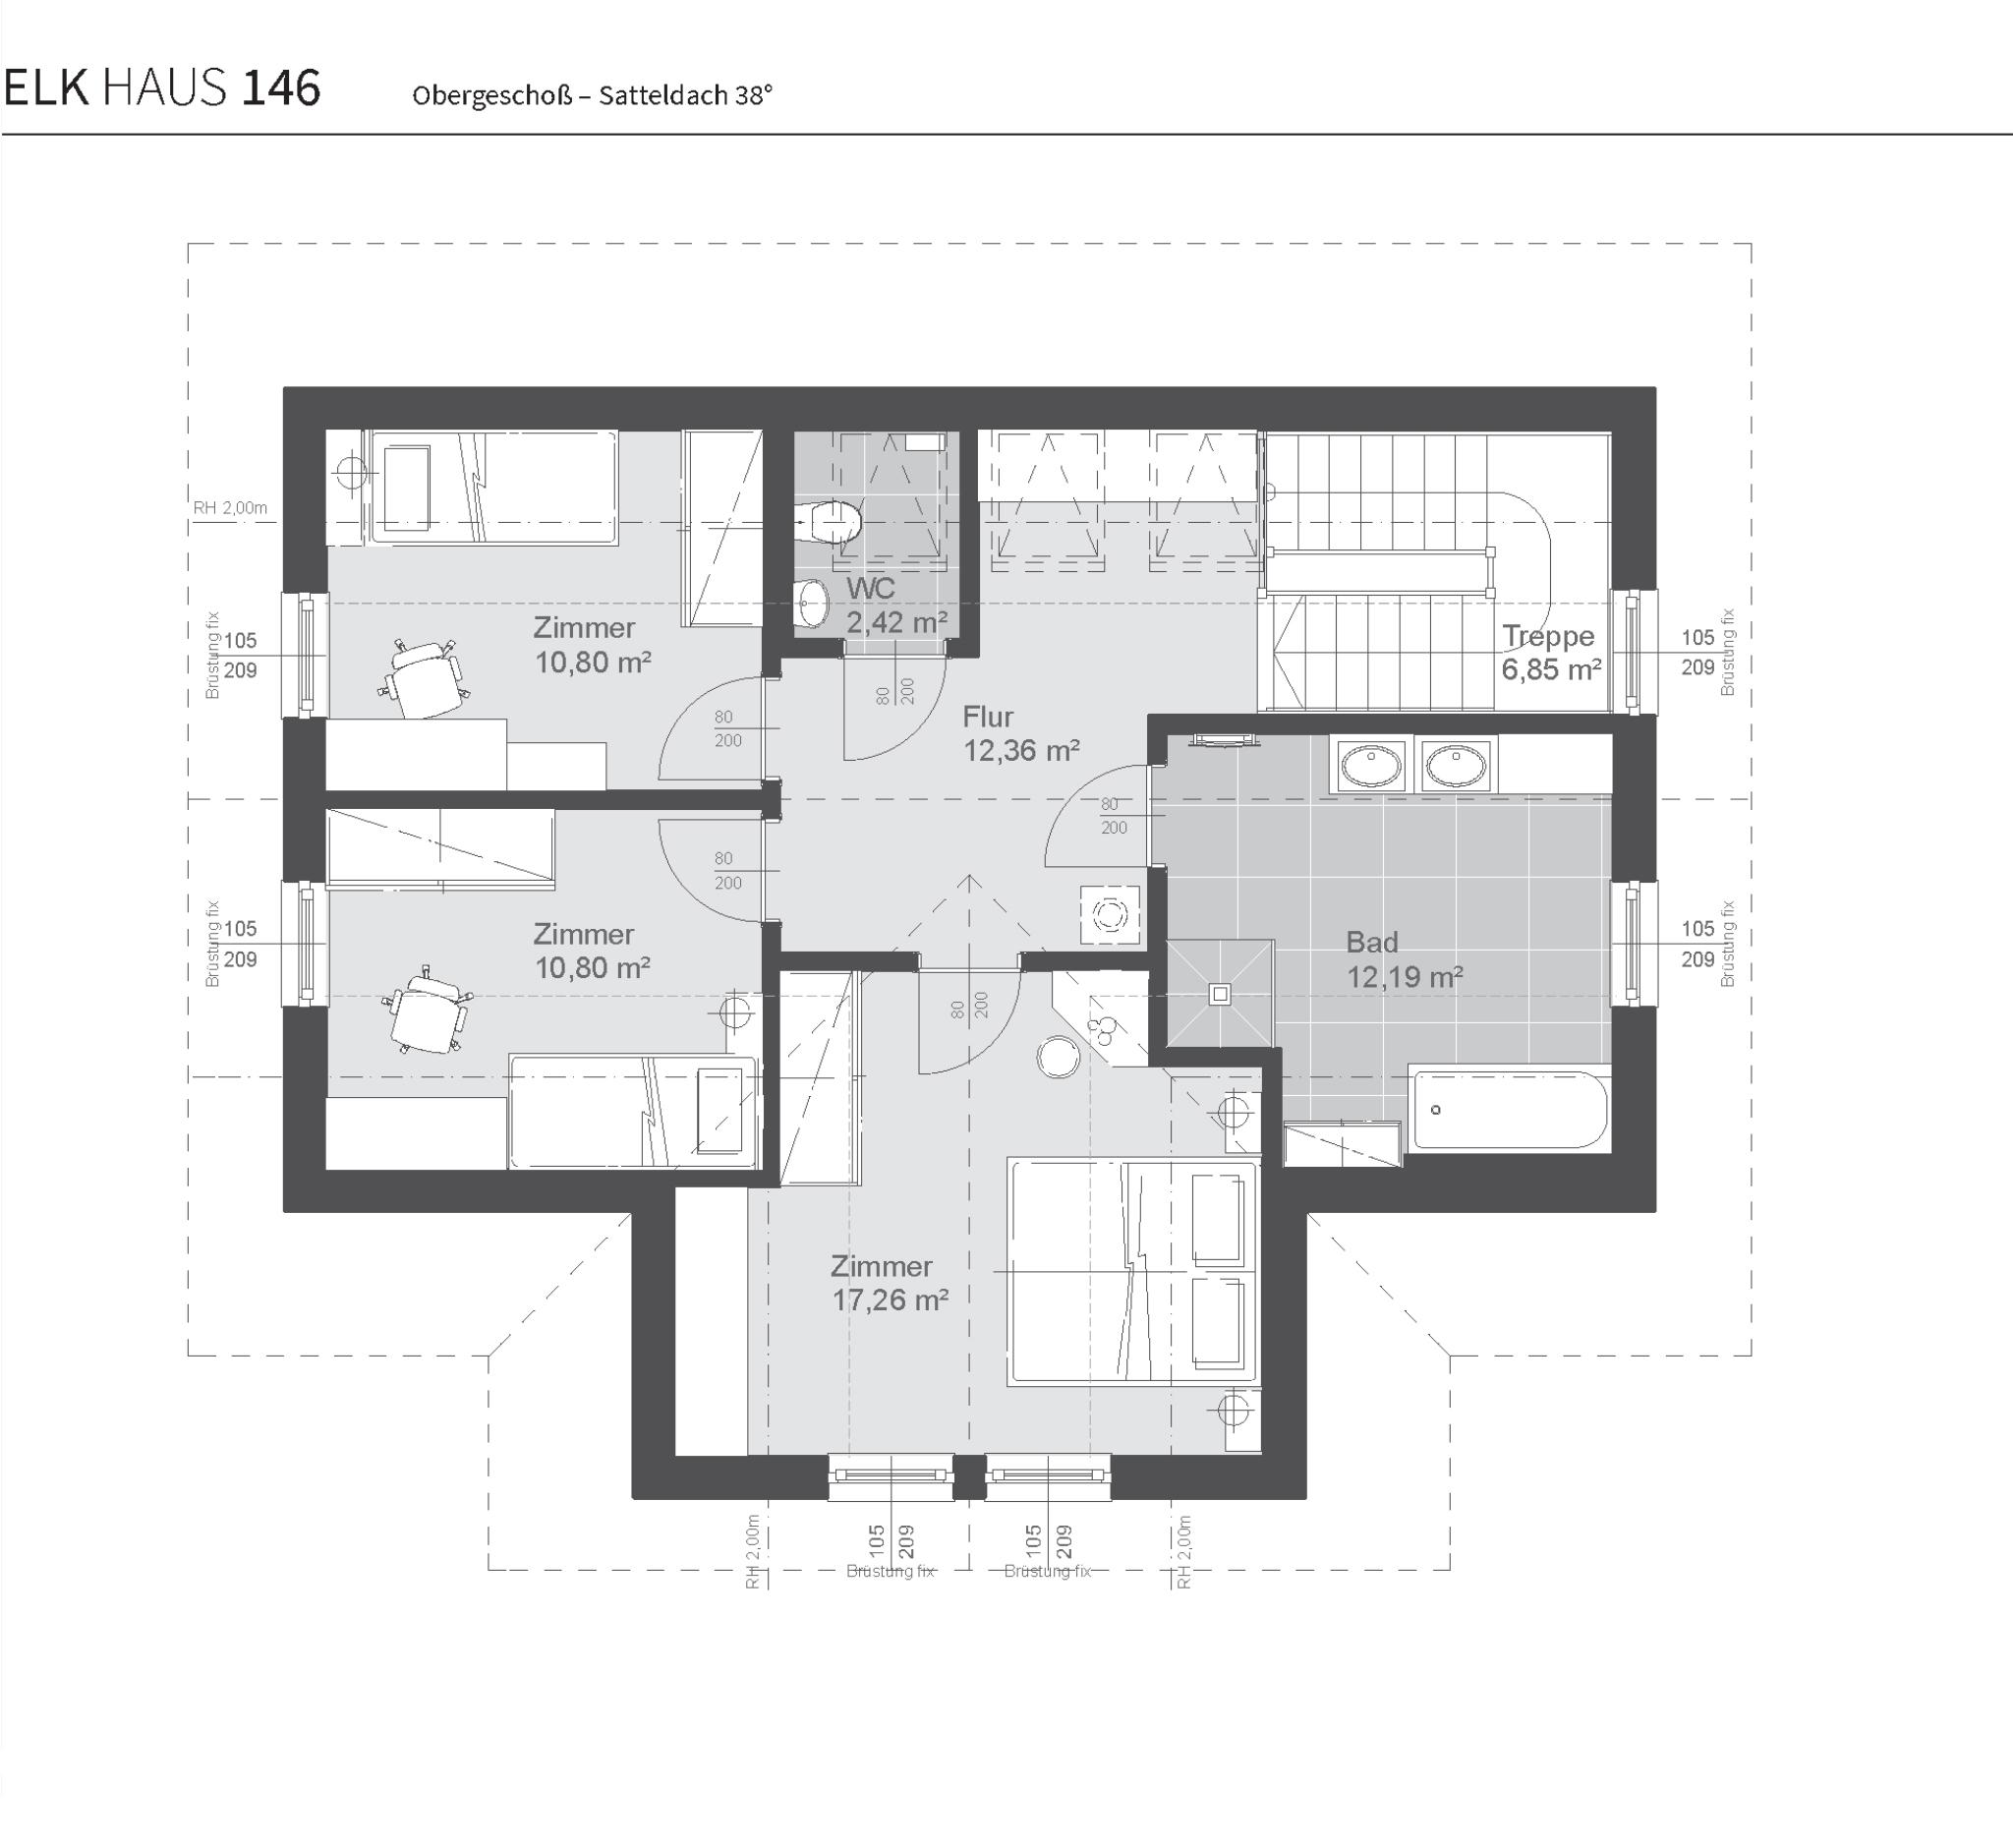 grundriss-fertighaus-elk-haus-146-obergeschoss-satteldach38_1